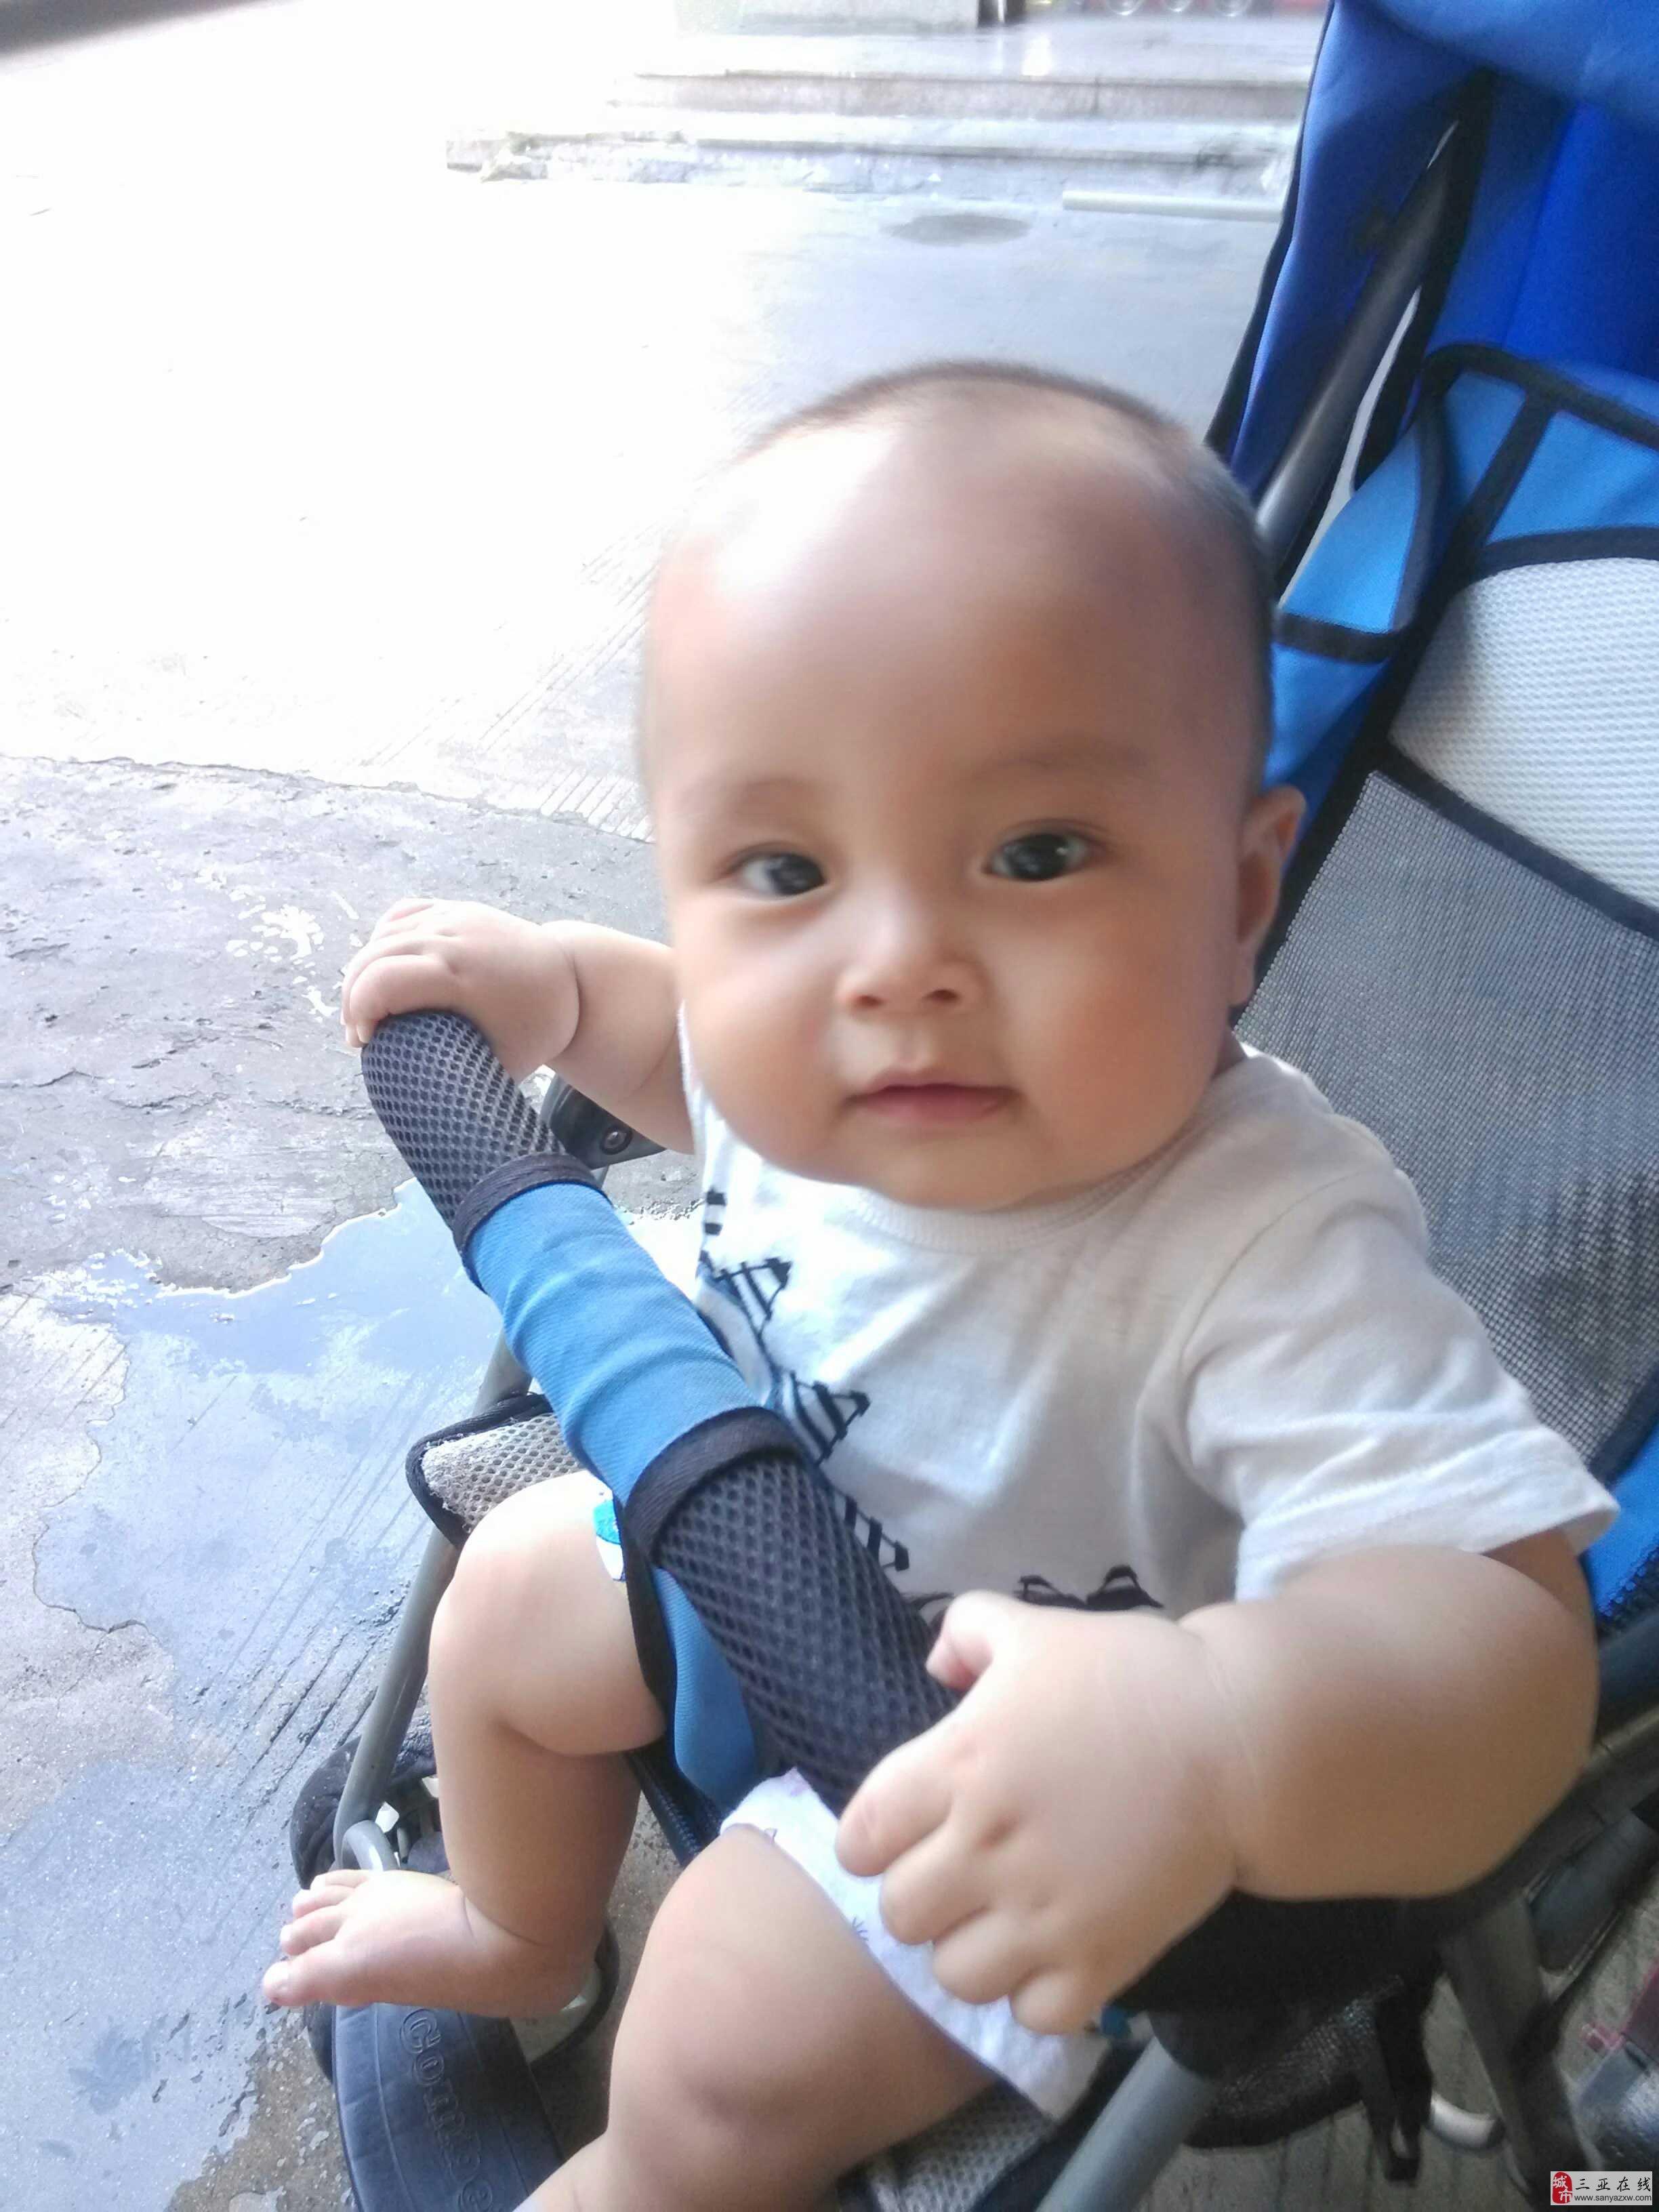 宝宝姓名:宏宏 宝宝年龄:1 宝宝性别:男 宝宝介绍:我是最可爱的小萌娃